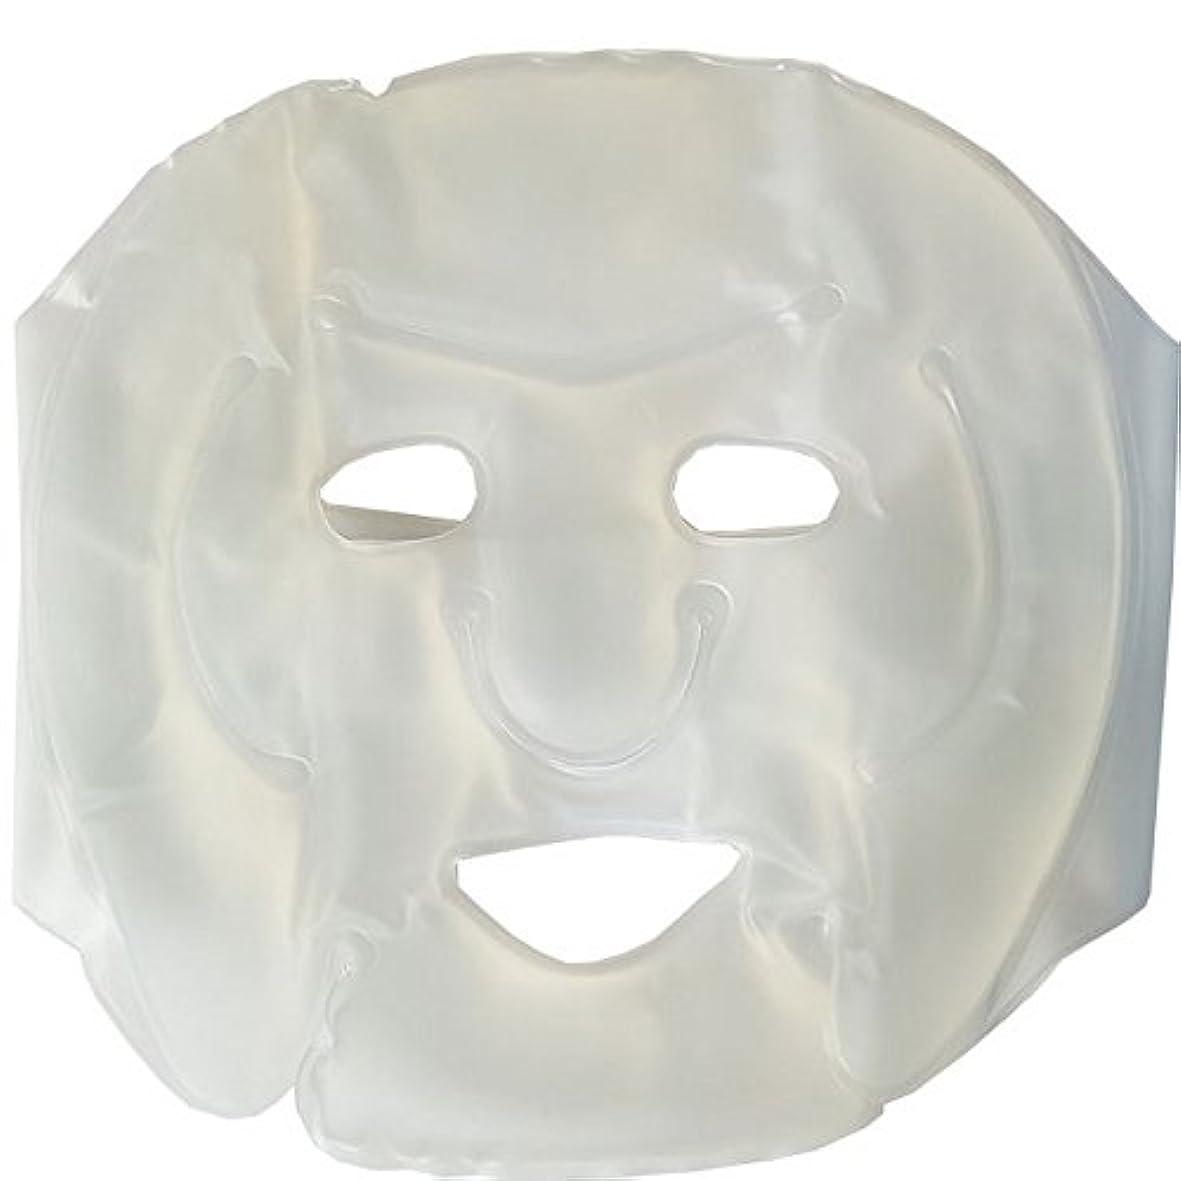 上爆風喜ぶMDP 顔マッサージジェルマスク アイスジェルパック 冷却パック アイスマスク アイスパック レーザー後の鎮静に グリーン